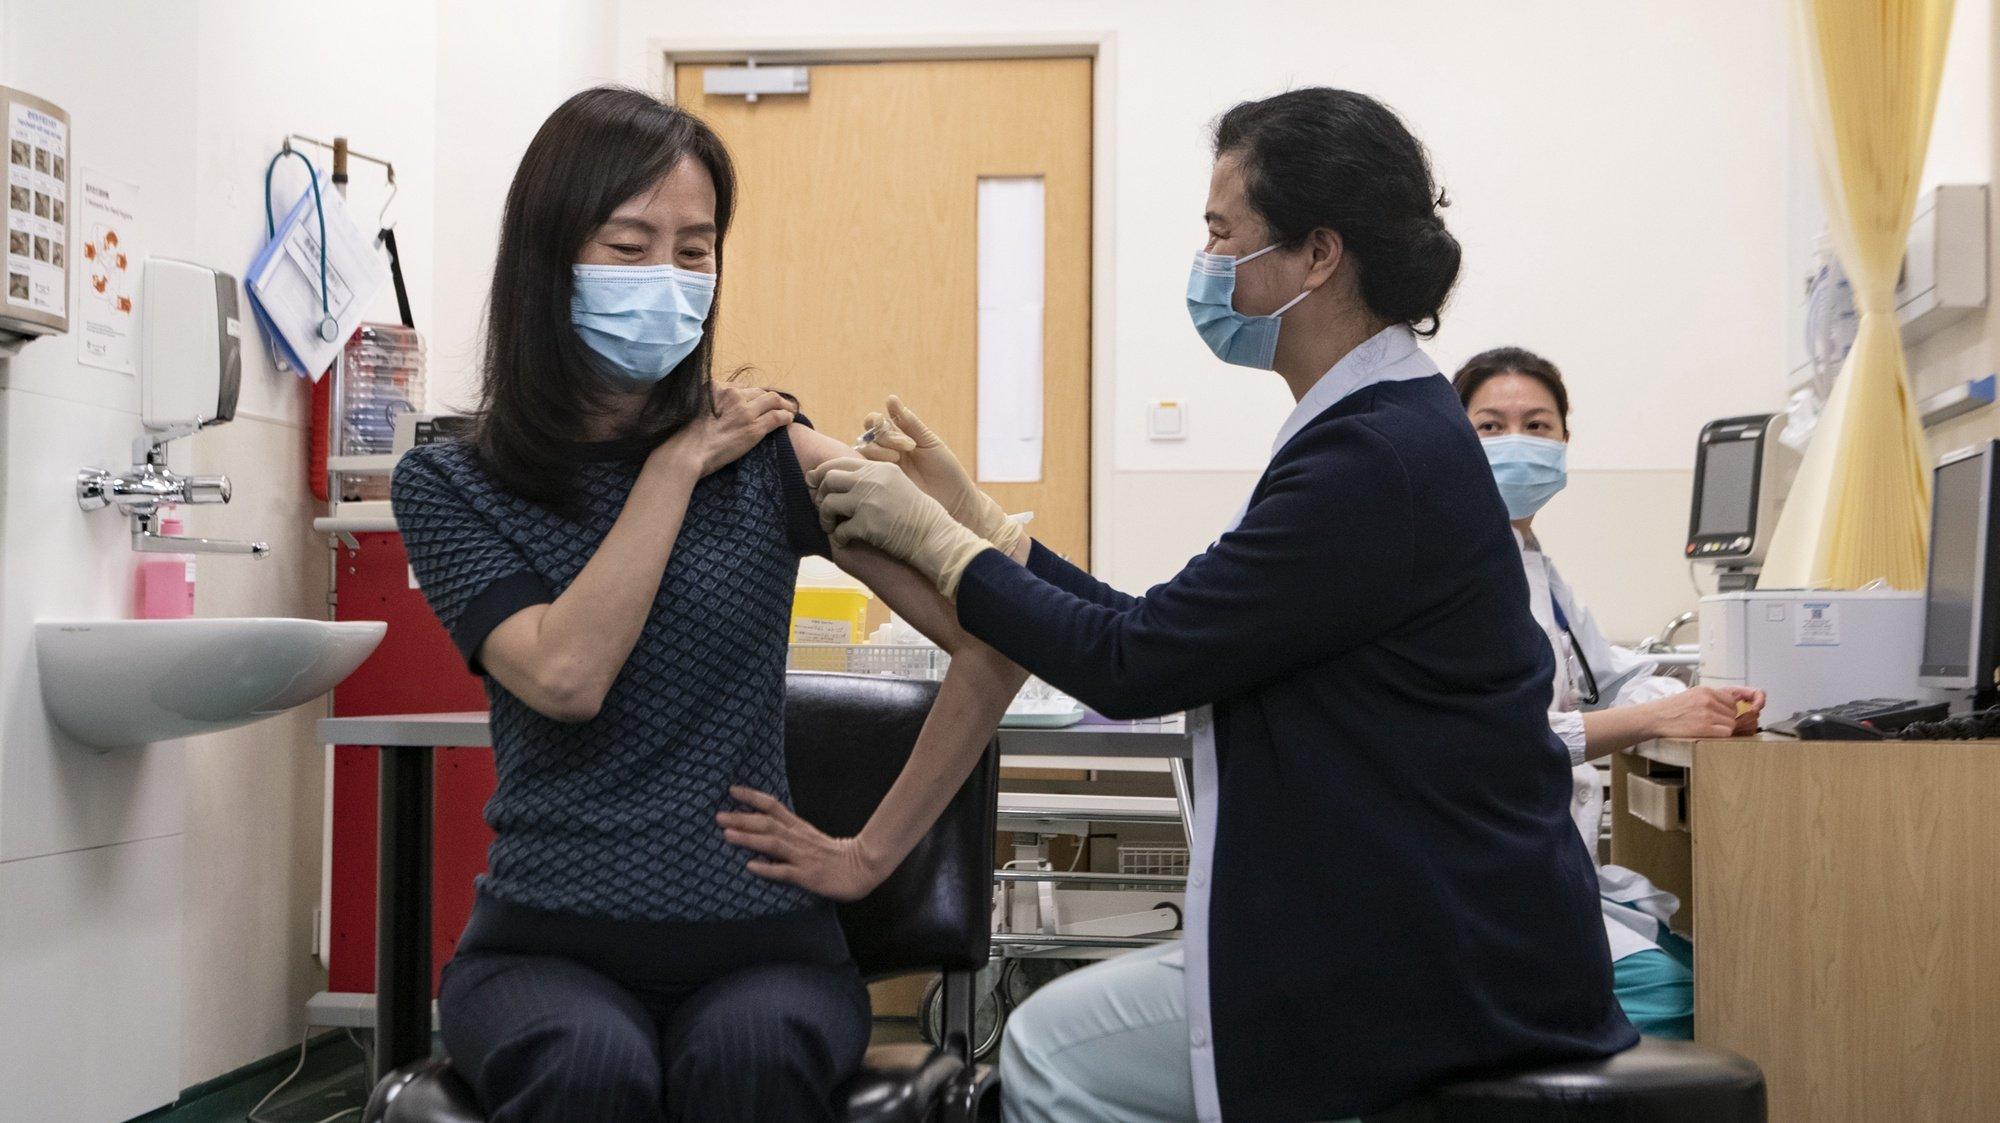 Macau iniciou hoje a vacinação contra a covid-19 com as principais figuras da administração a darem o exemplo numa mensagem clara: a vacina é segura e todos a devem tomar para criar uma barreira imunitária. Entre as mais 50 pessoas que tomaram a vacina nesta cerimónia pública encontrava-se Leong U, secretária para os Assuntos Sociais e Cultura, Macau 09 de fevereiro de 2021. TATIANA LAGES/LUSA